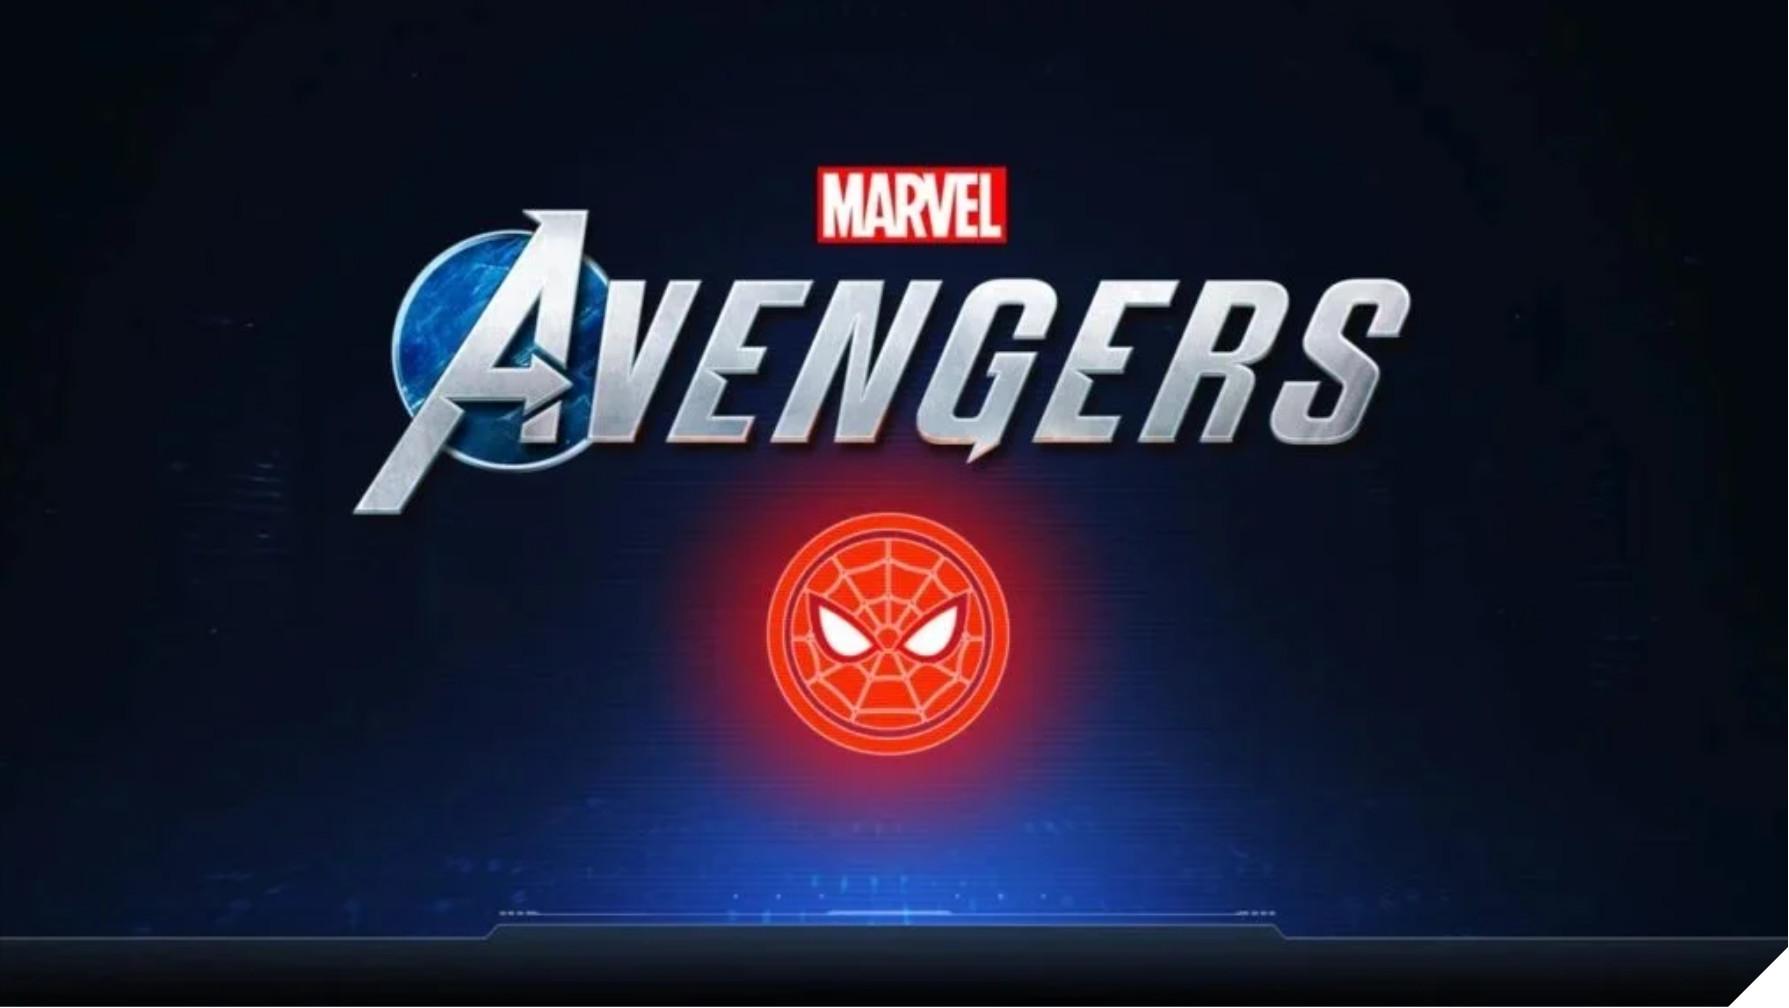 《漫威复仇者联盟》仍计划在年内上线蜘蛛侠角色